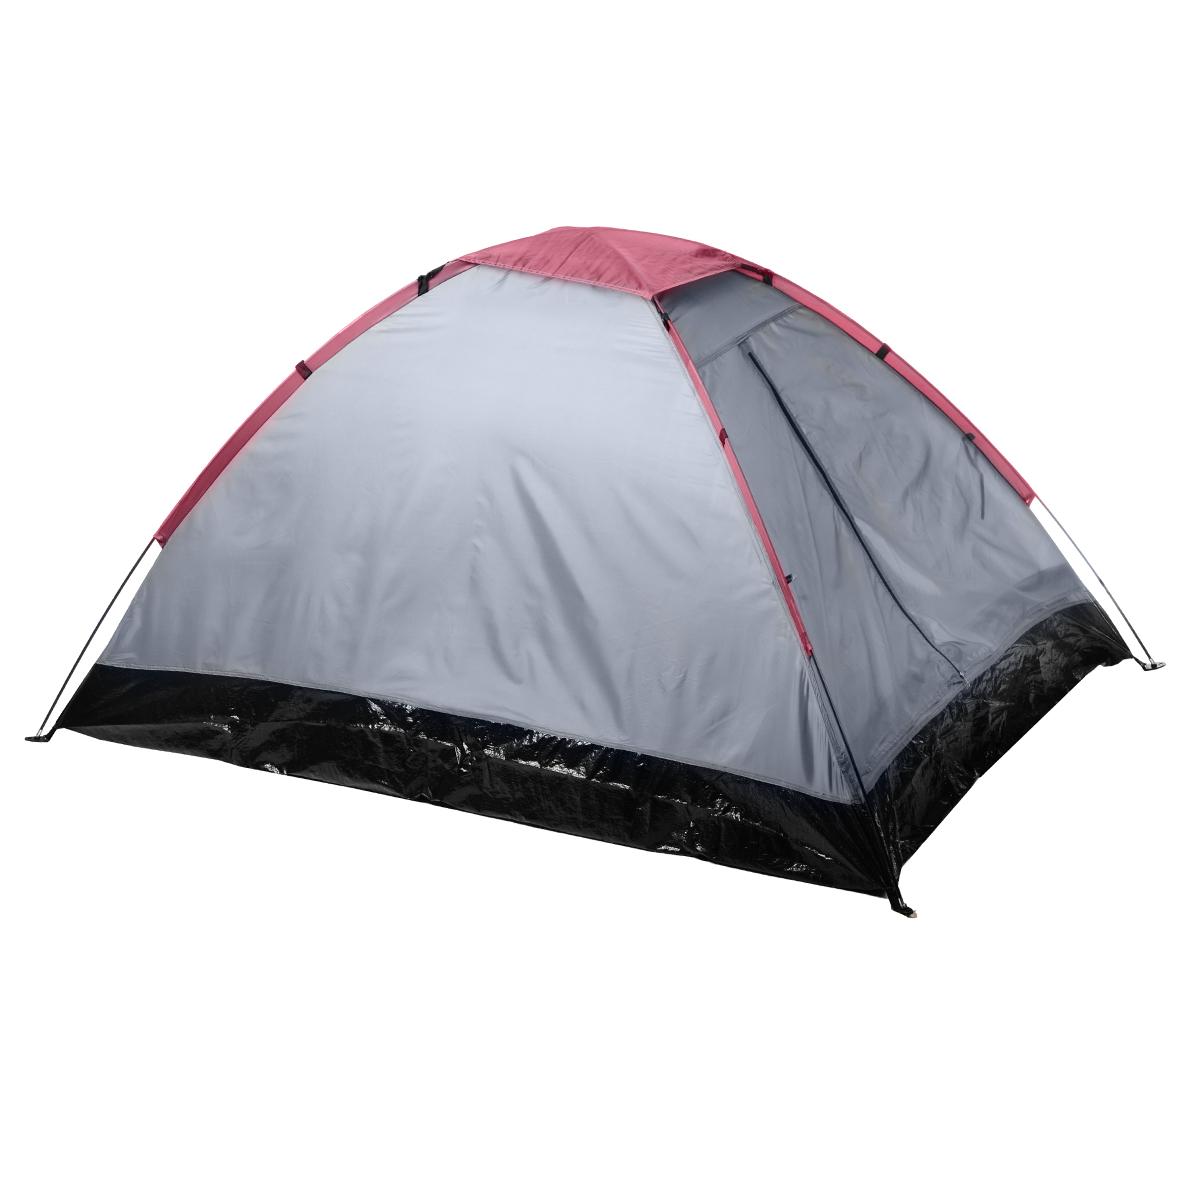 Палатка двухместная однослойная Reking, цвет: синий